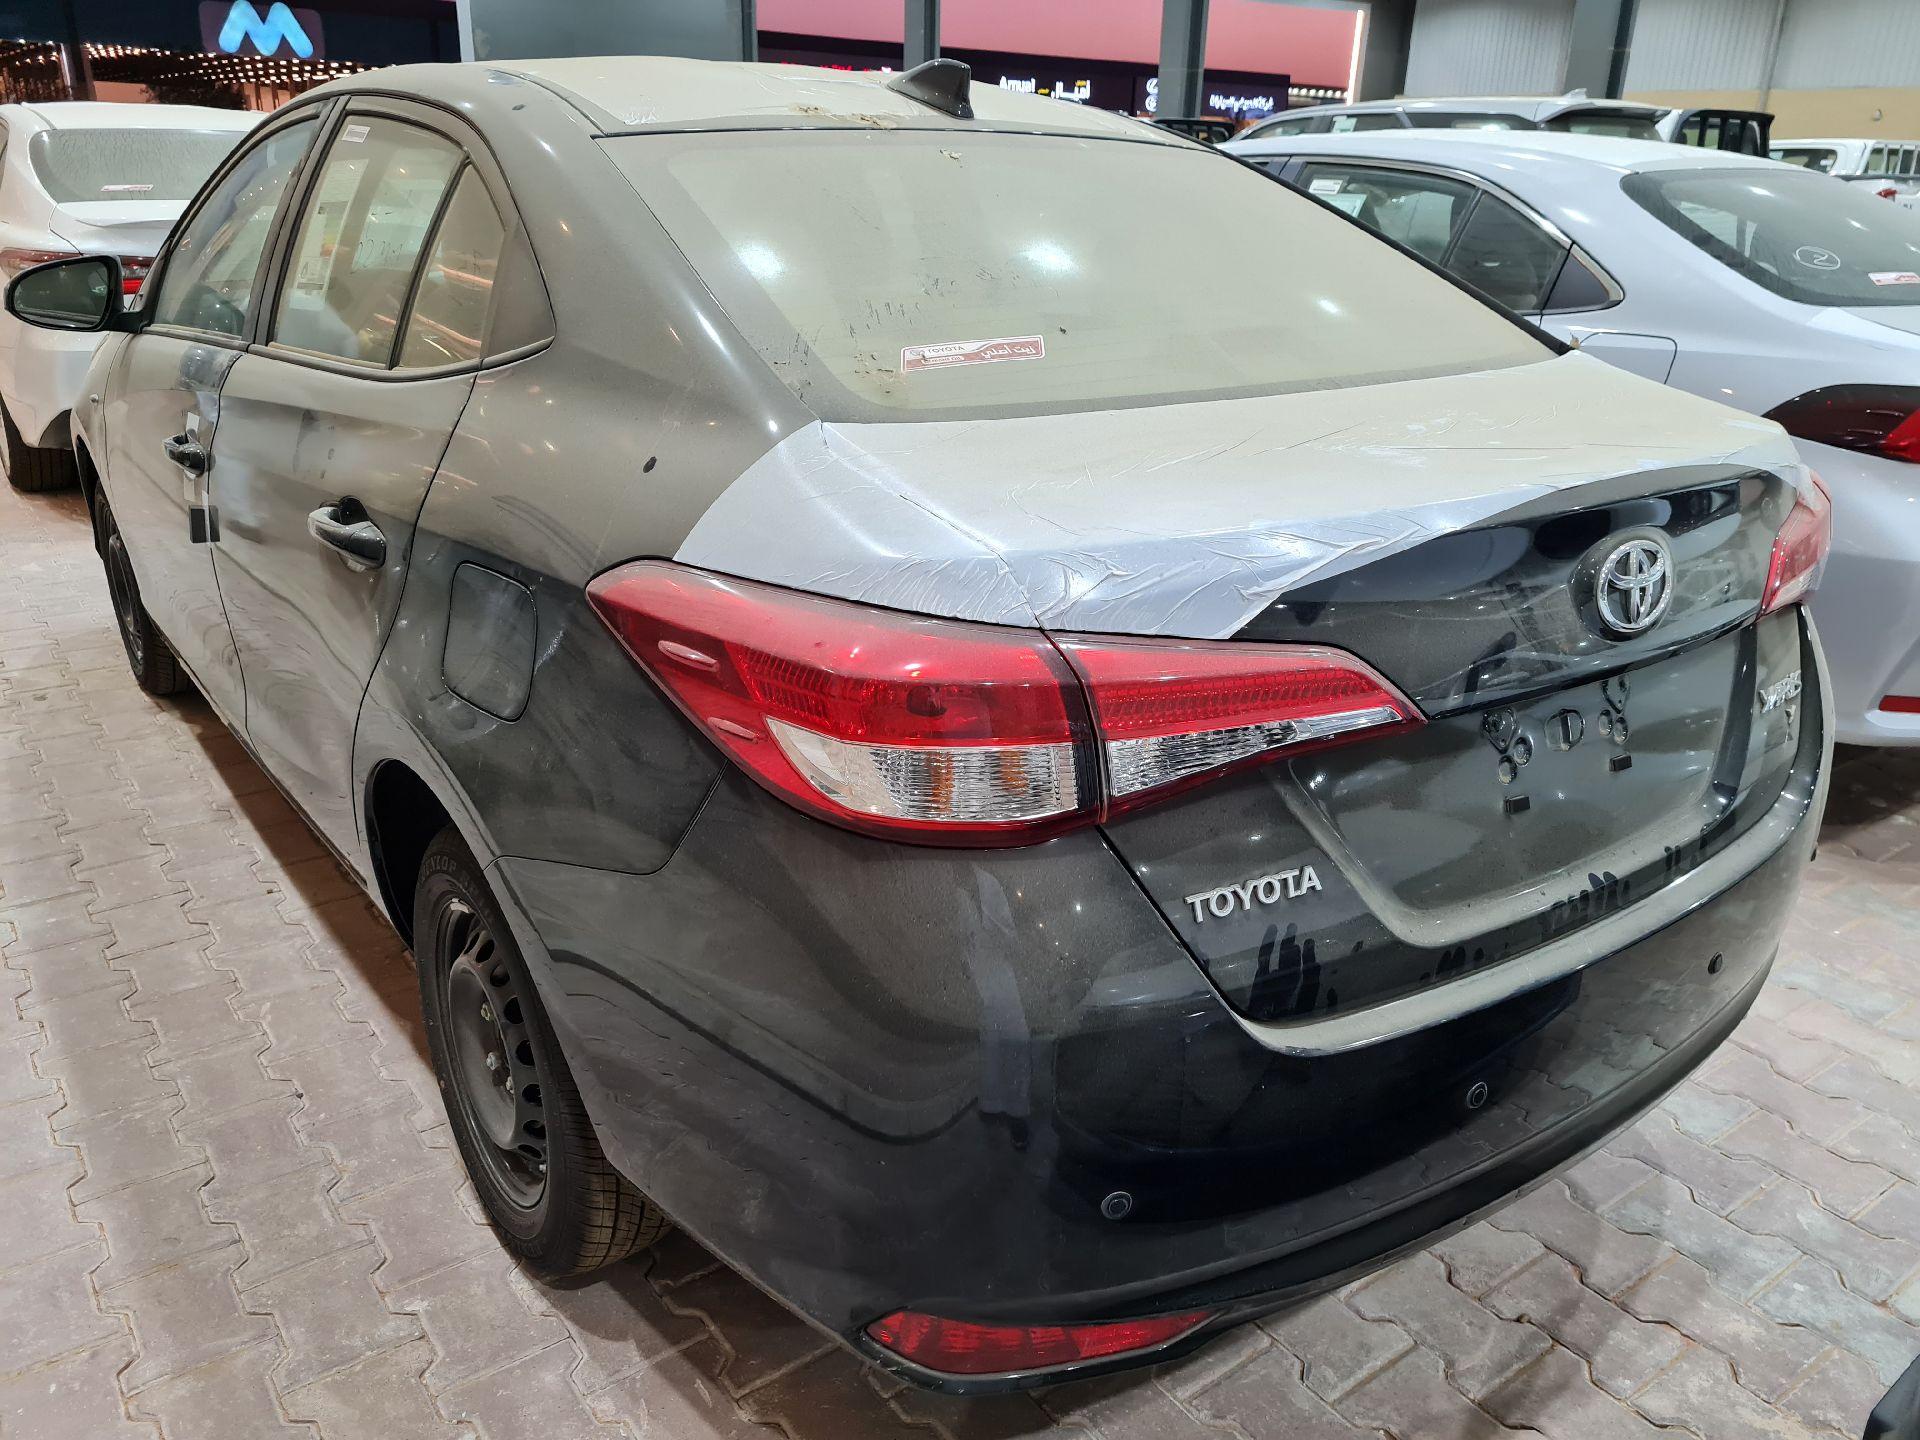 مباع - تويوتا يارس Y FLT 2021 ستاندر سعودي للبيع في الرياض - السعودية - صورة كبيرة - 1